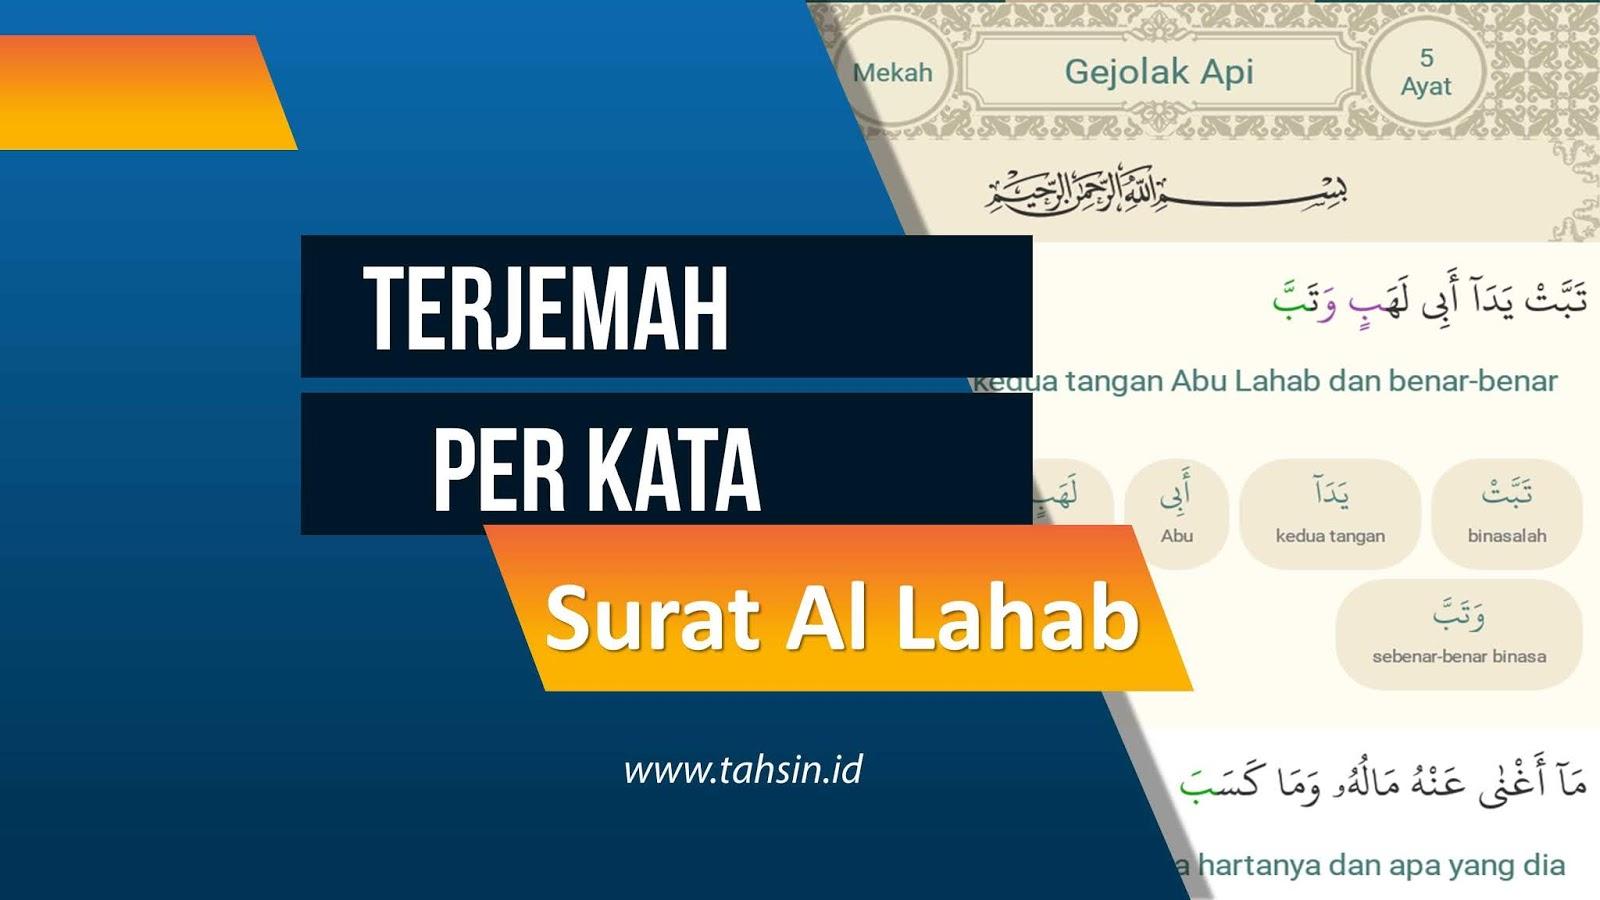 Terjemah Per Kata Surat Al Lahab